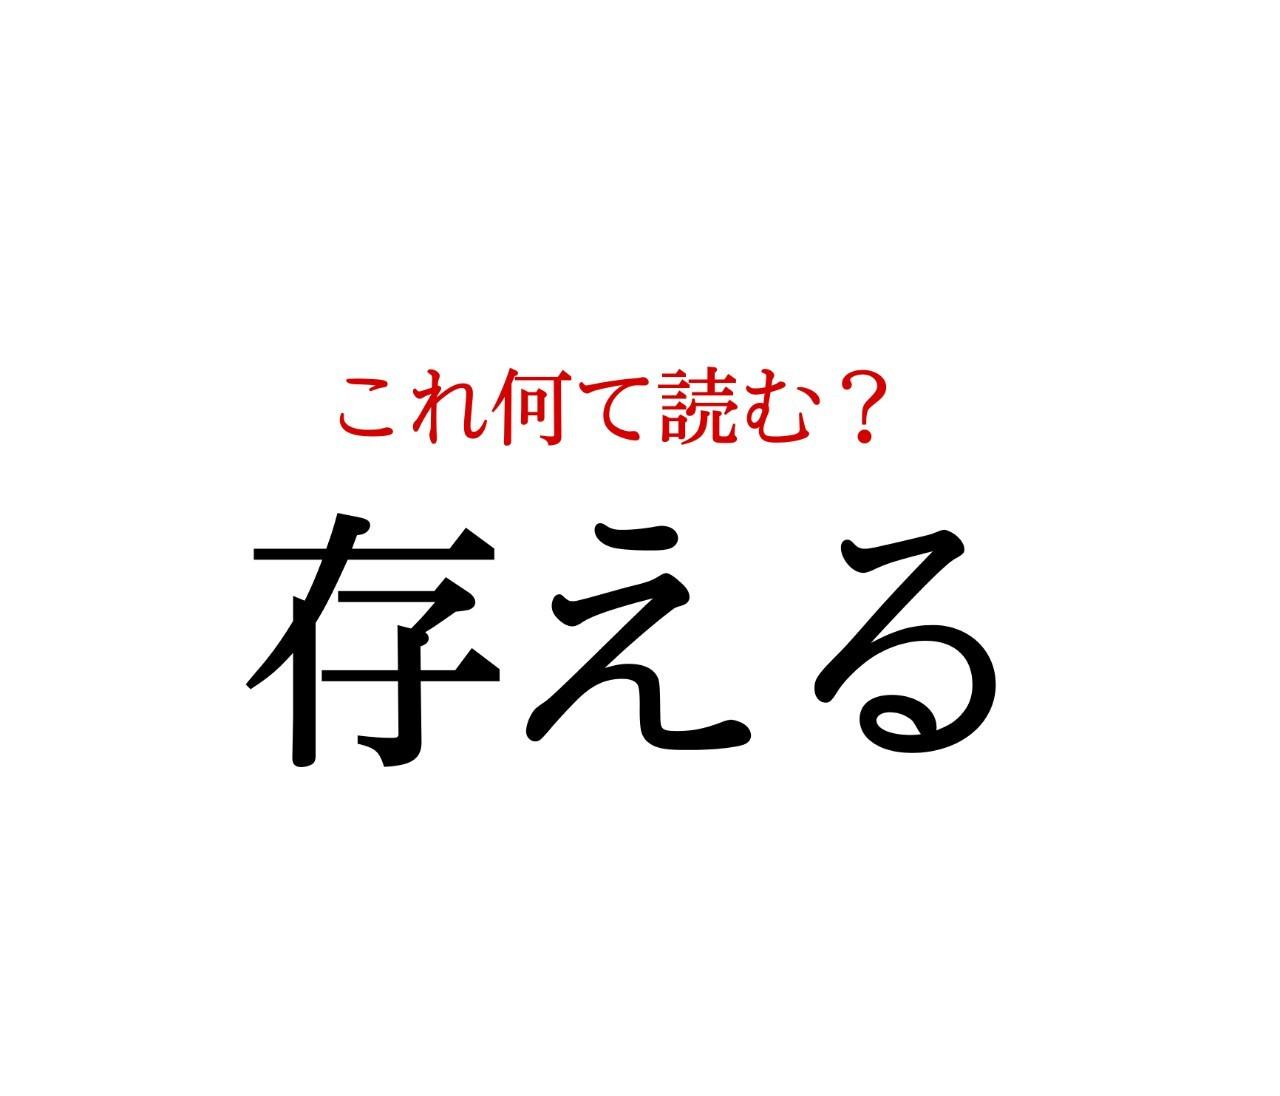 「存える」:この漢字、自信を持って読めますか?【働く大人の漢字クイズvol.217】